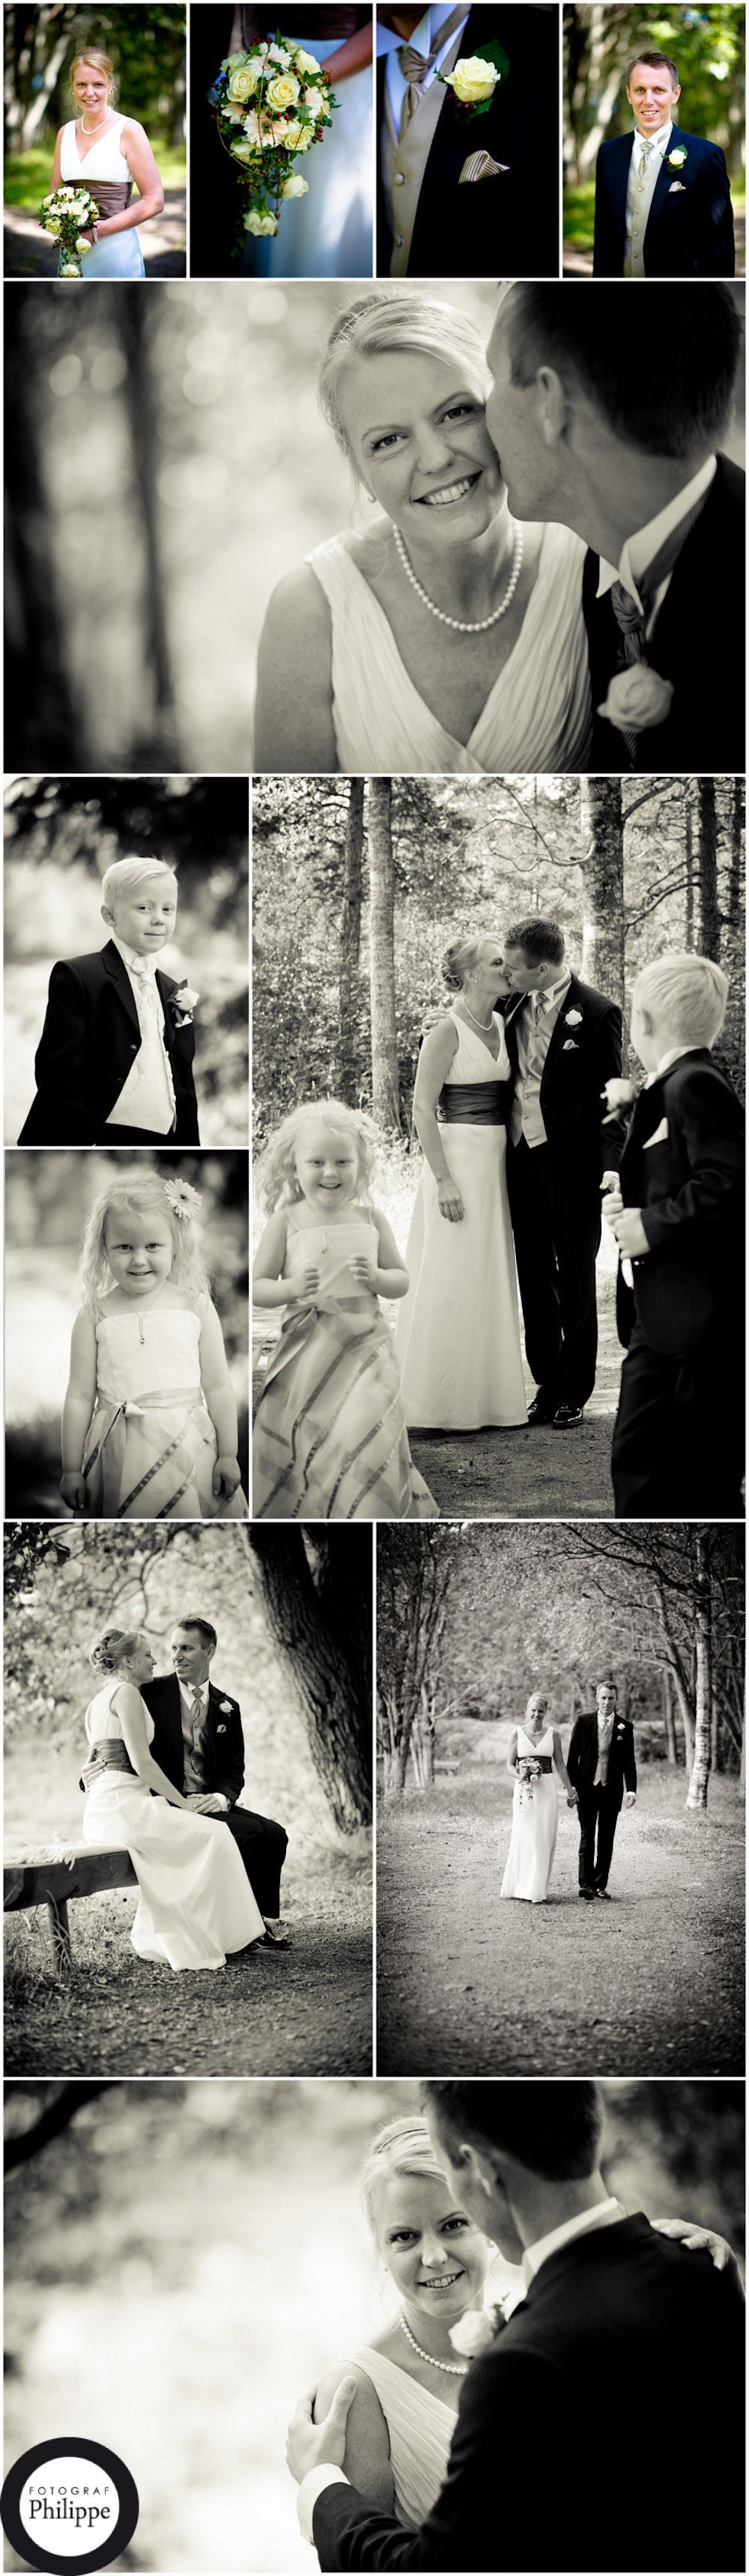 Höstbröllop; Ann-Katrin och Björn 1